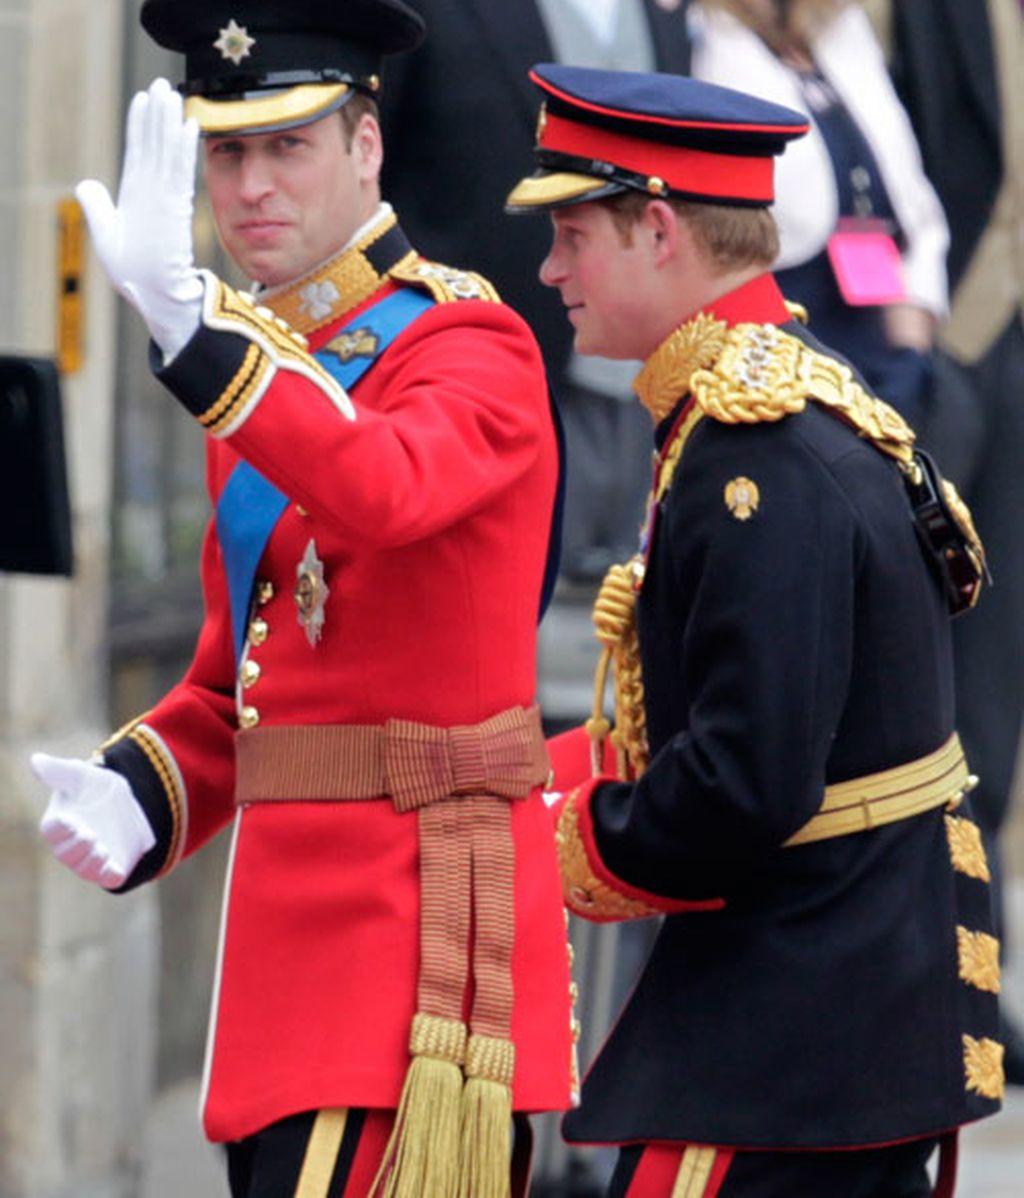 Un día feliz para el príncipe William, duque de Cambridge